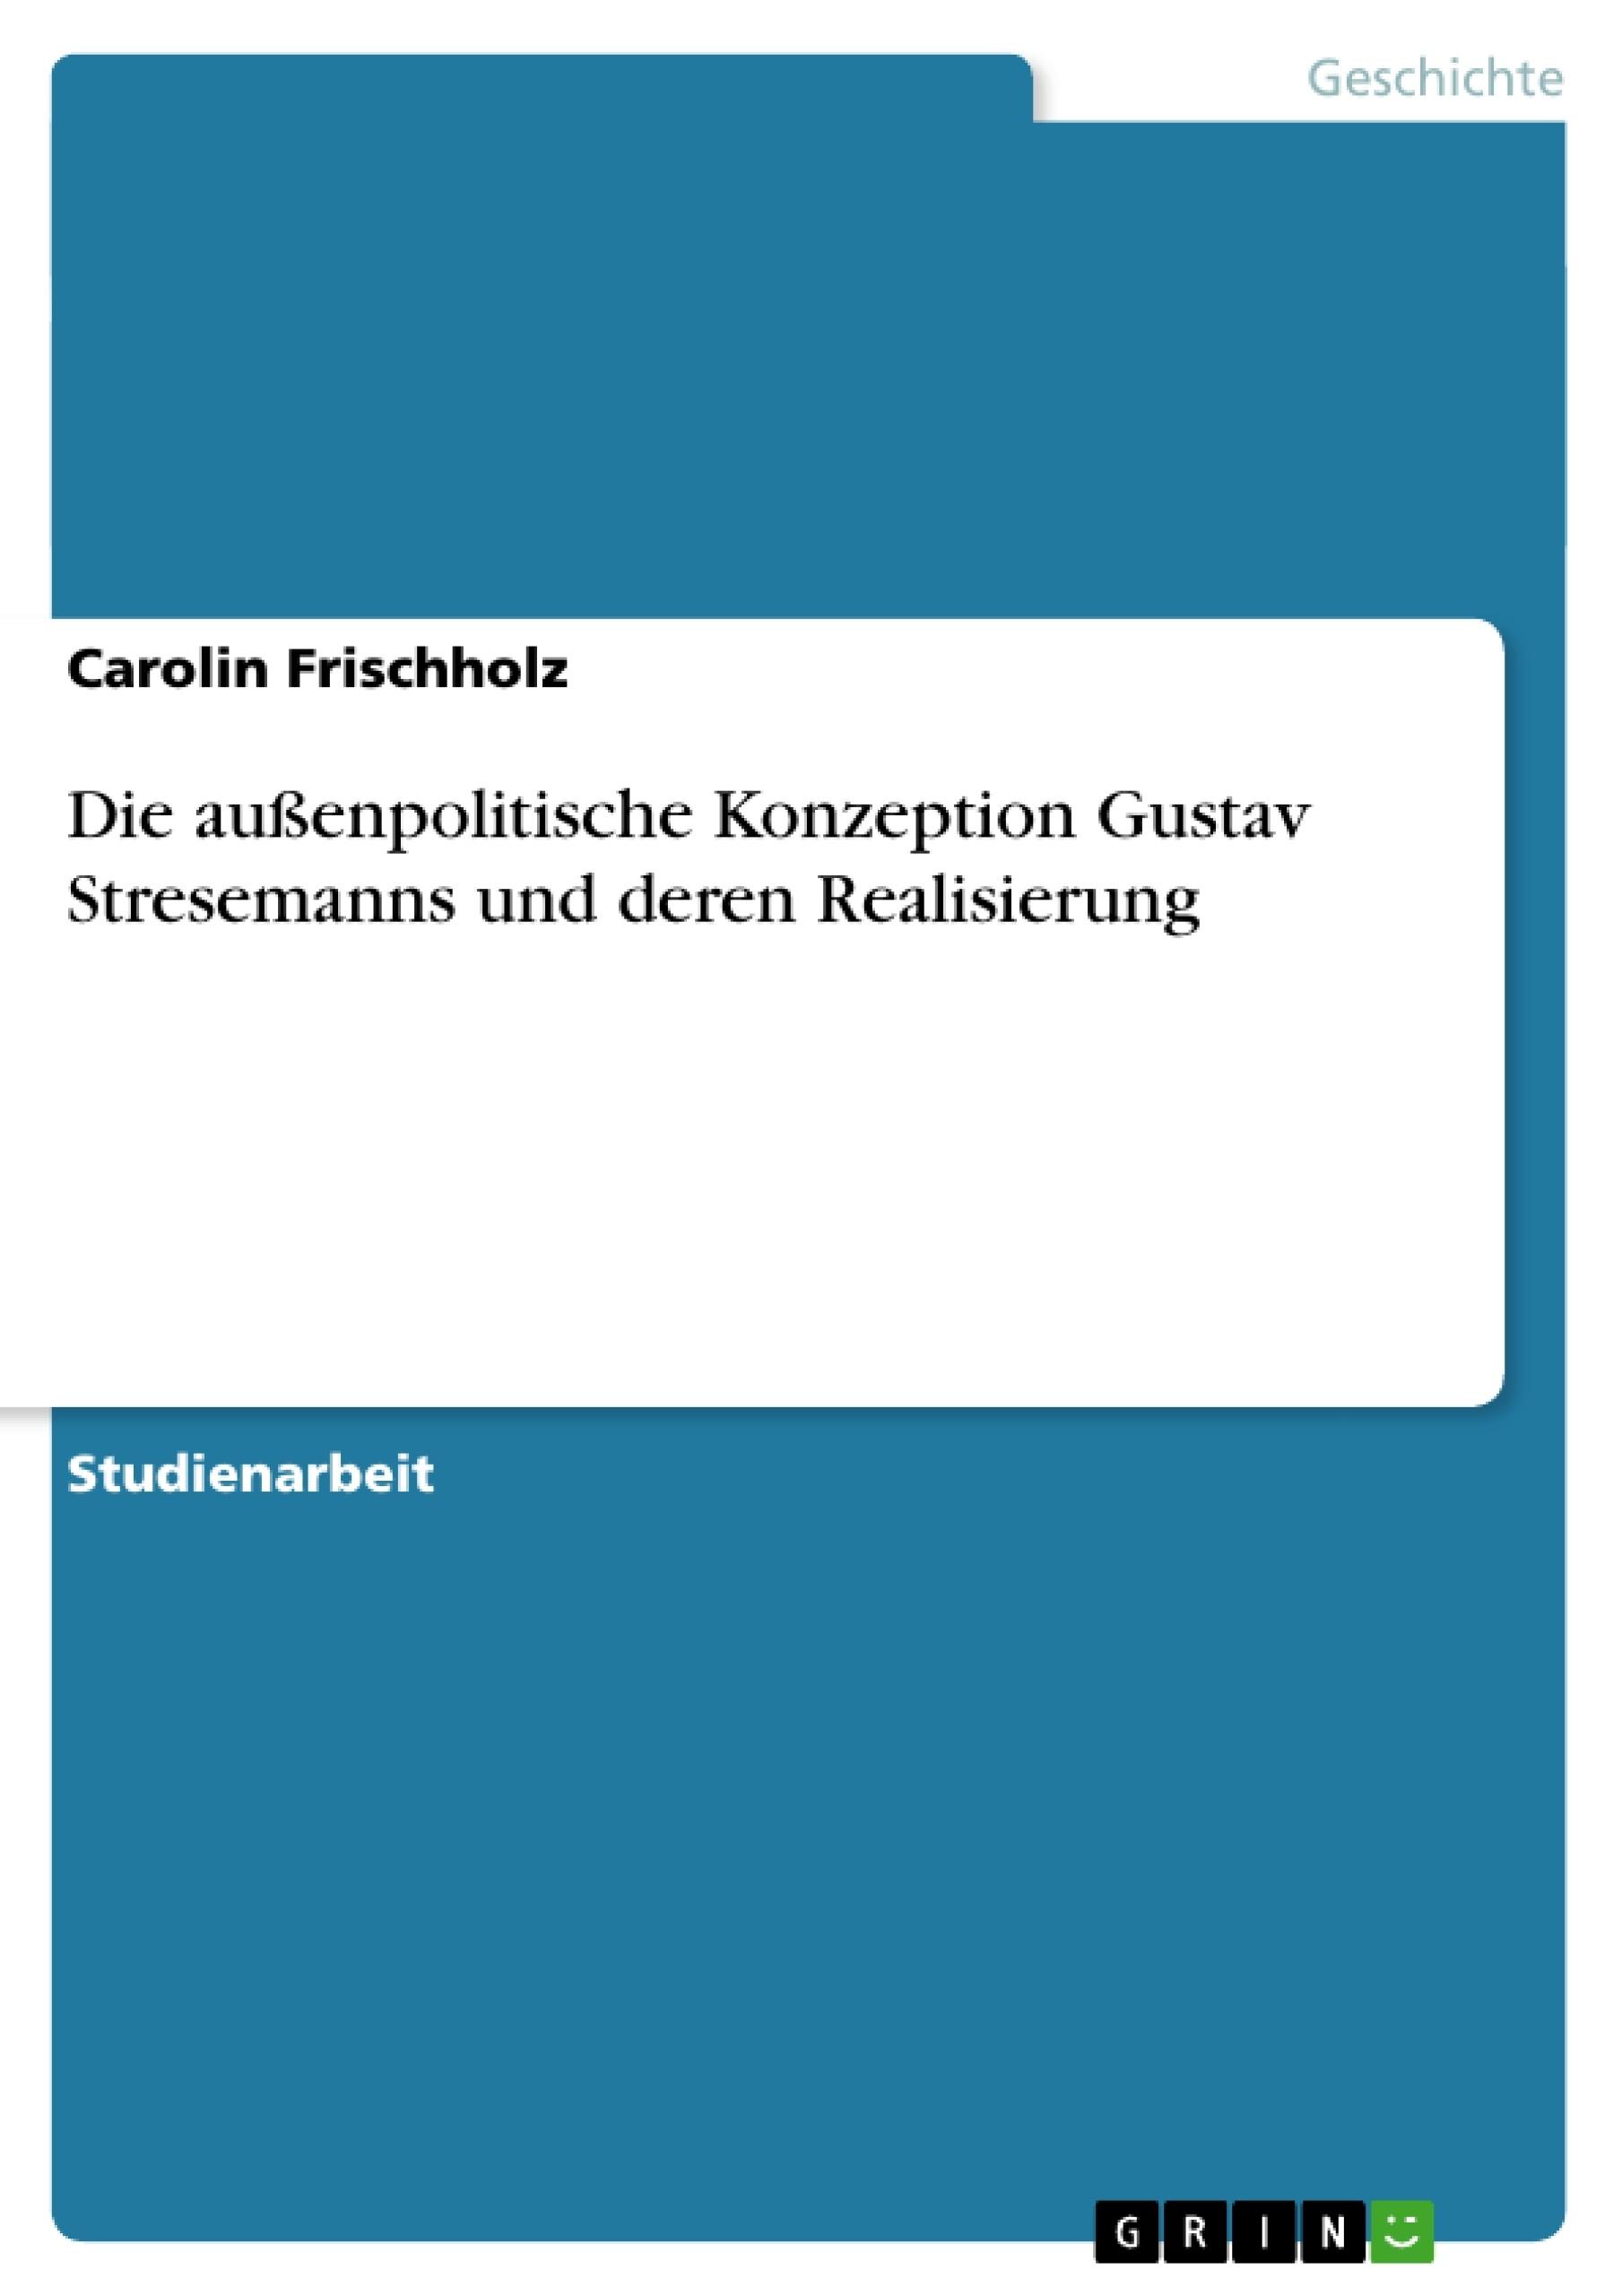 Titel: Die außenpolitische Konzeption Gustav Stresemanns und deren Realisierung